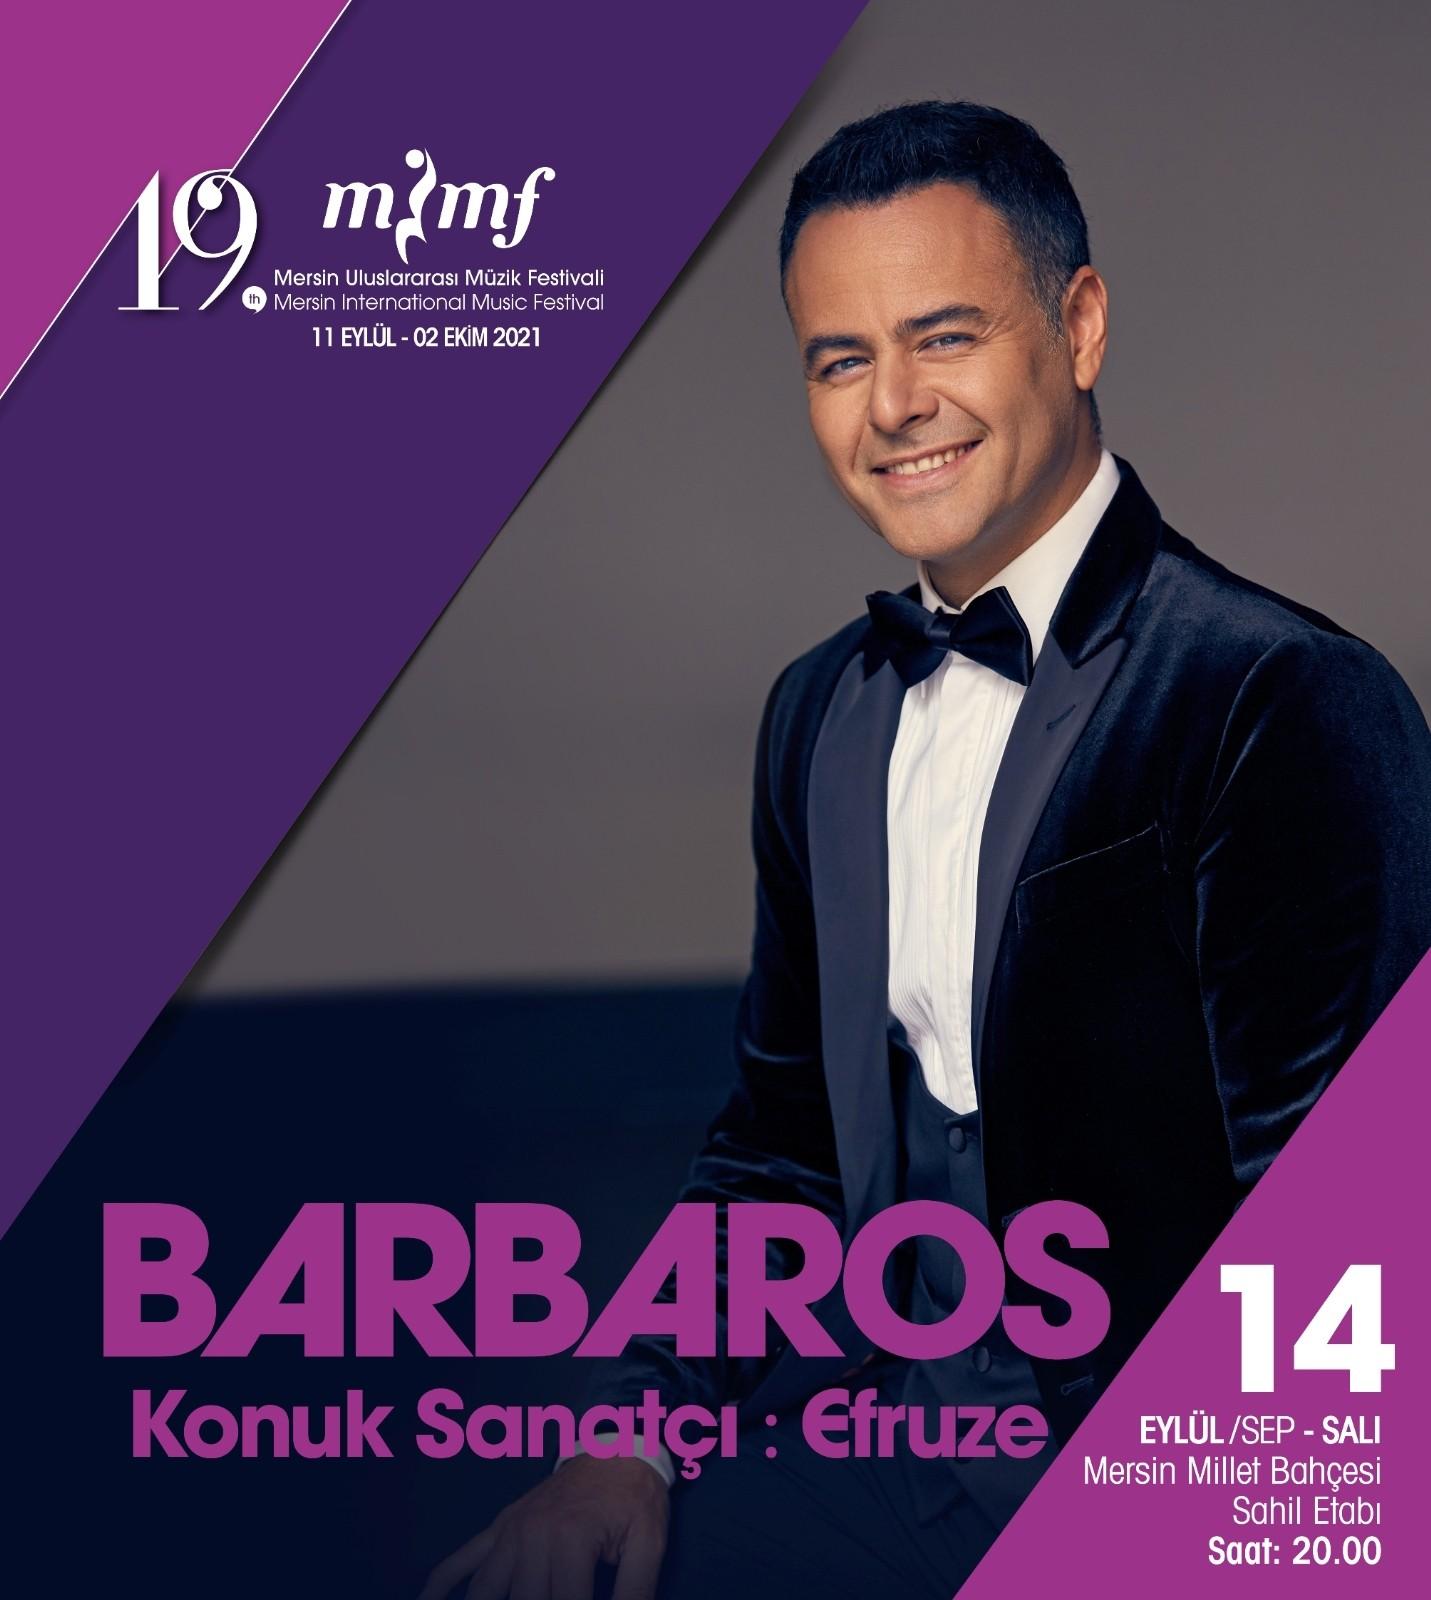 barboras buyukakkan 19 mersin uluslararasi muzik festivalinde sahne alacak